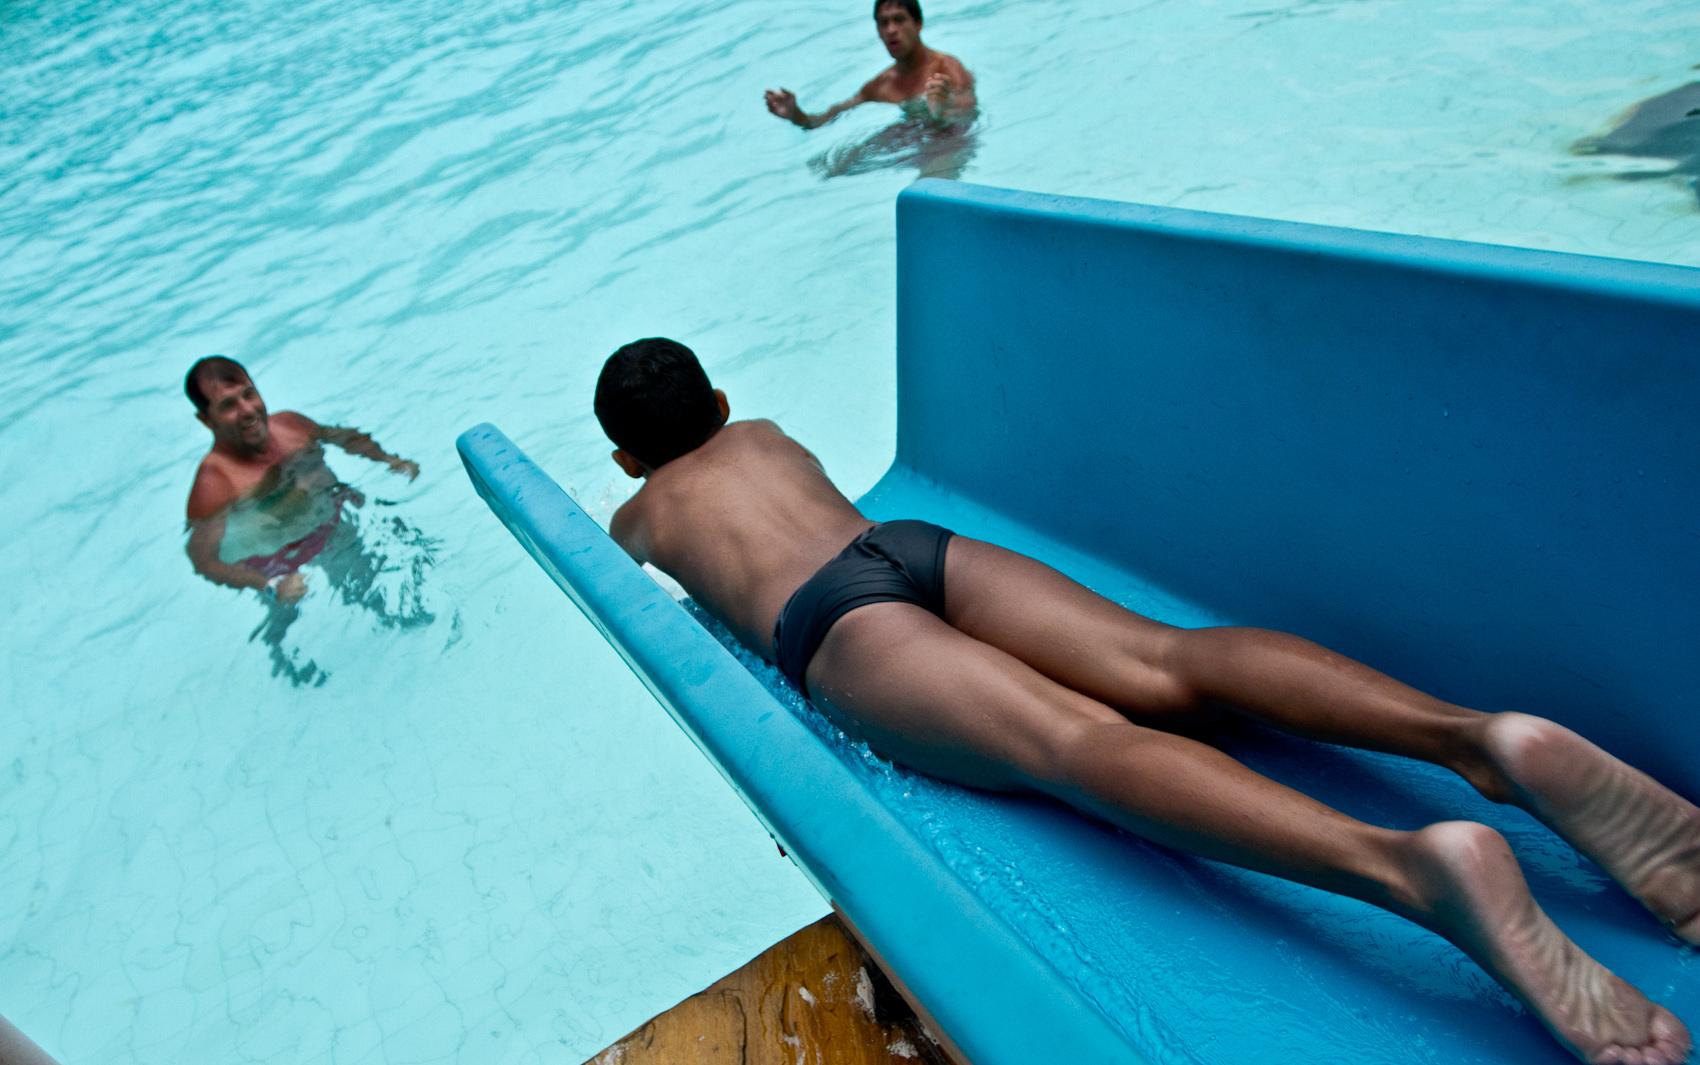 Fotos paulistanos curtem piscinas em dias de calor nas for Piscina zona norte avila